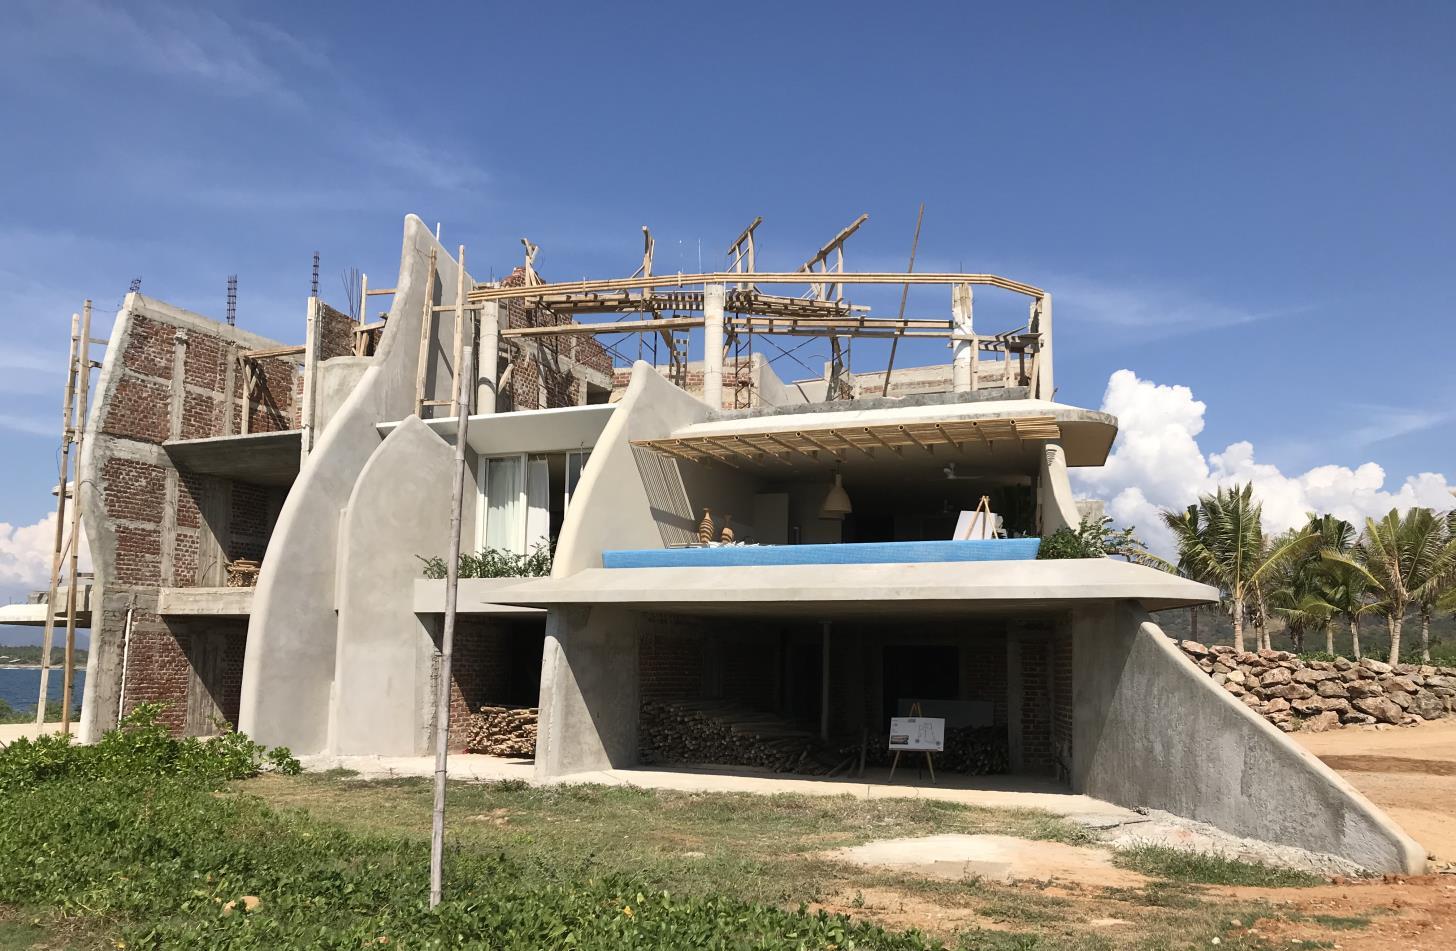 REPORTE-FOTOGRAFICO-PUNTA-MAJAHUA-NICOLE-23-DE-DICIEMBRE-DEL-2017-006.jpg